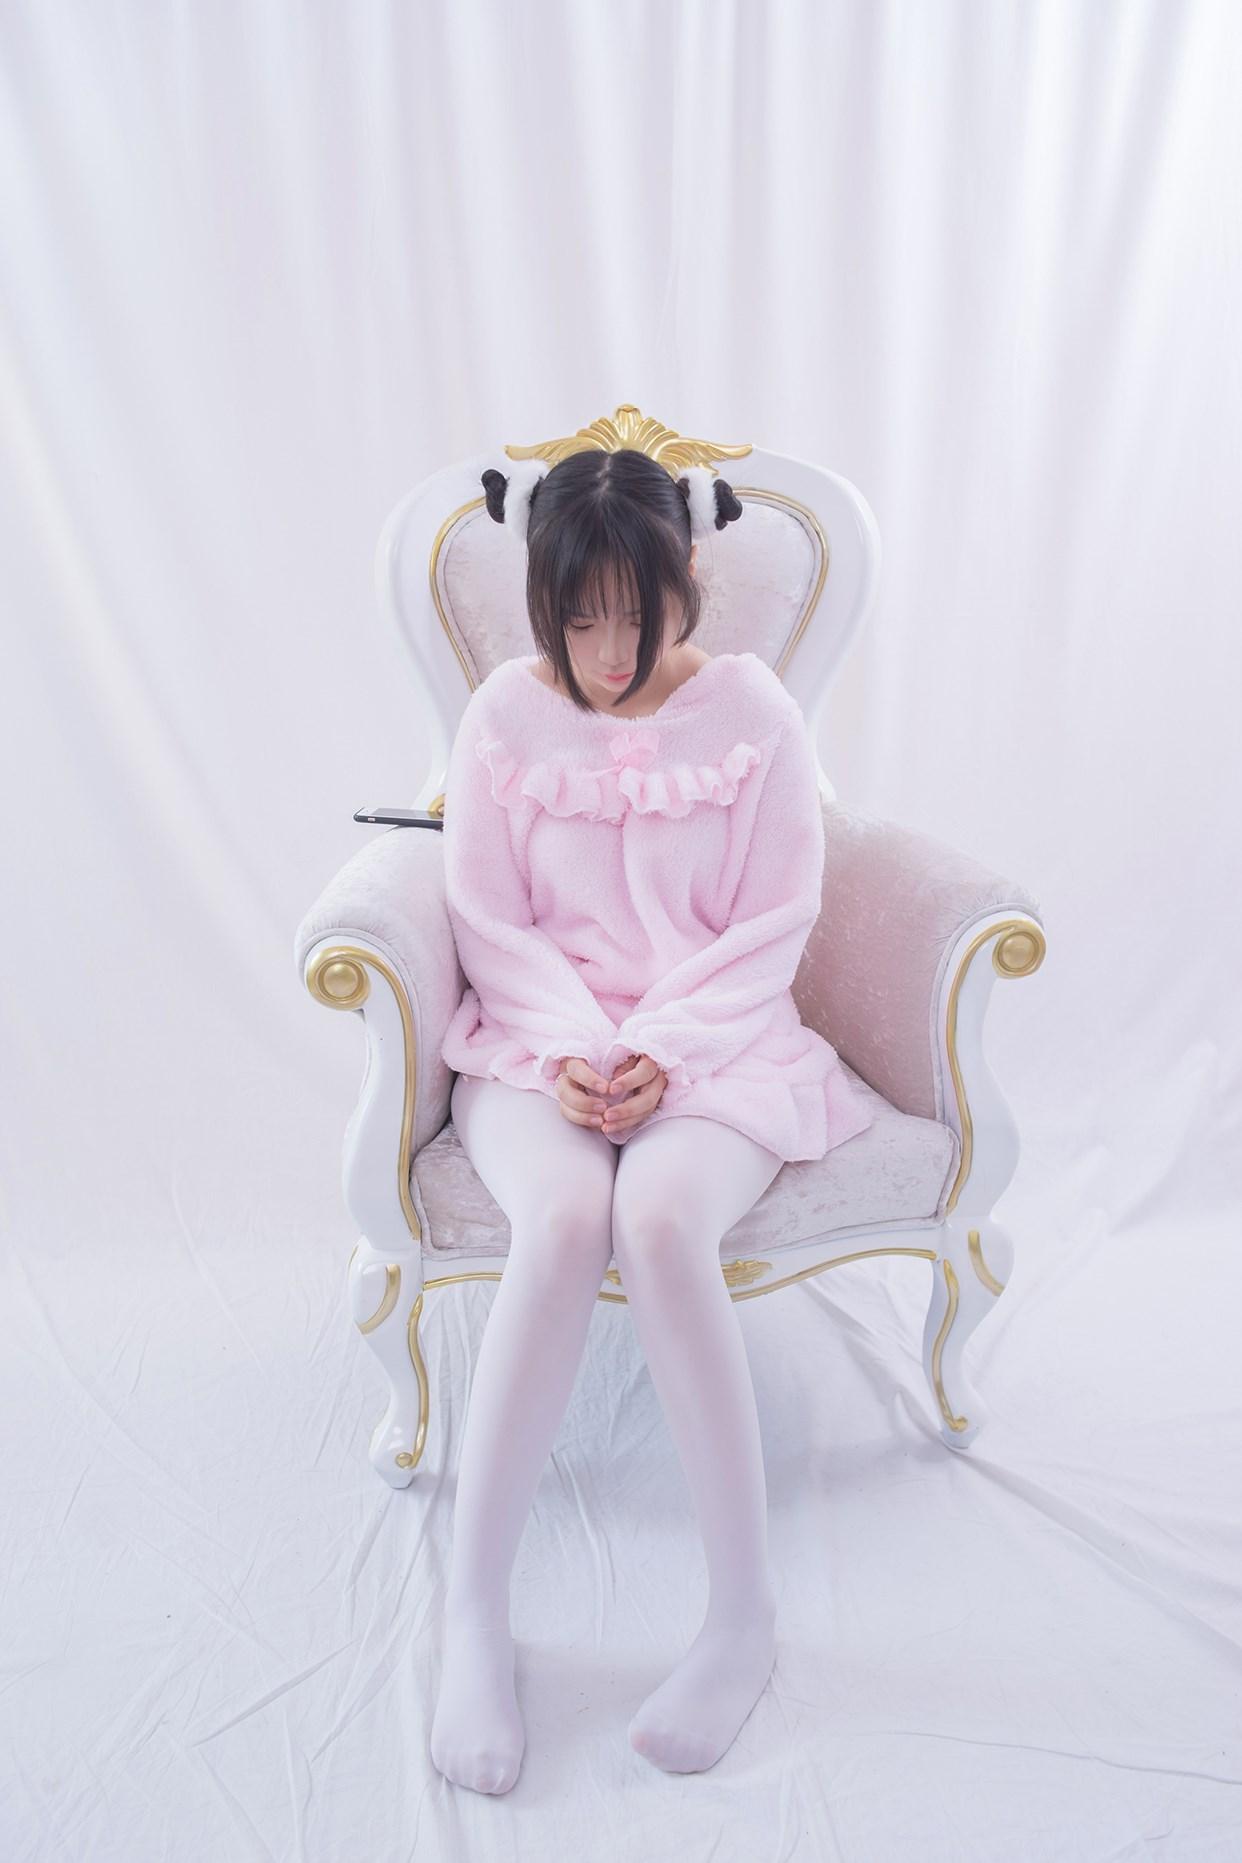 【兔玩映画】一个白丝小朋友 兔玩映画 第9张